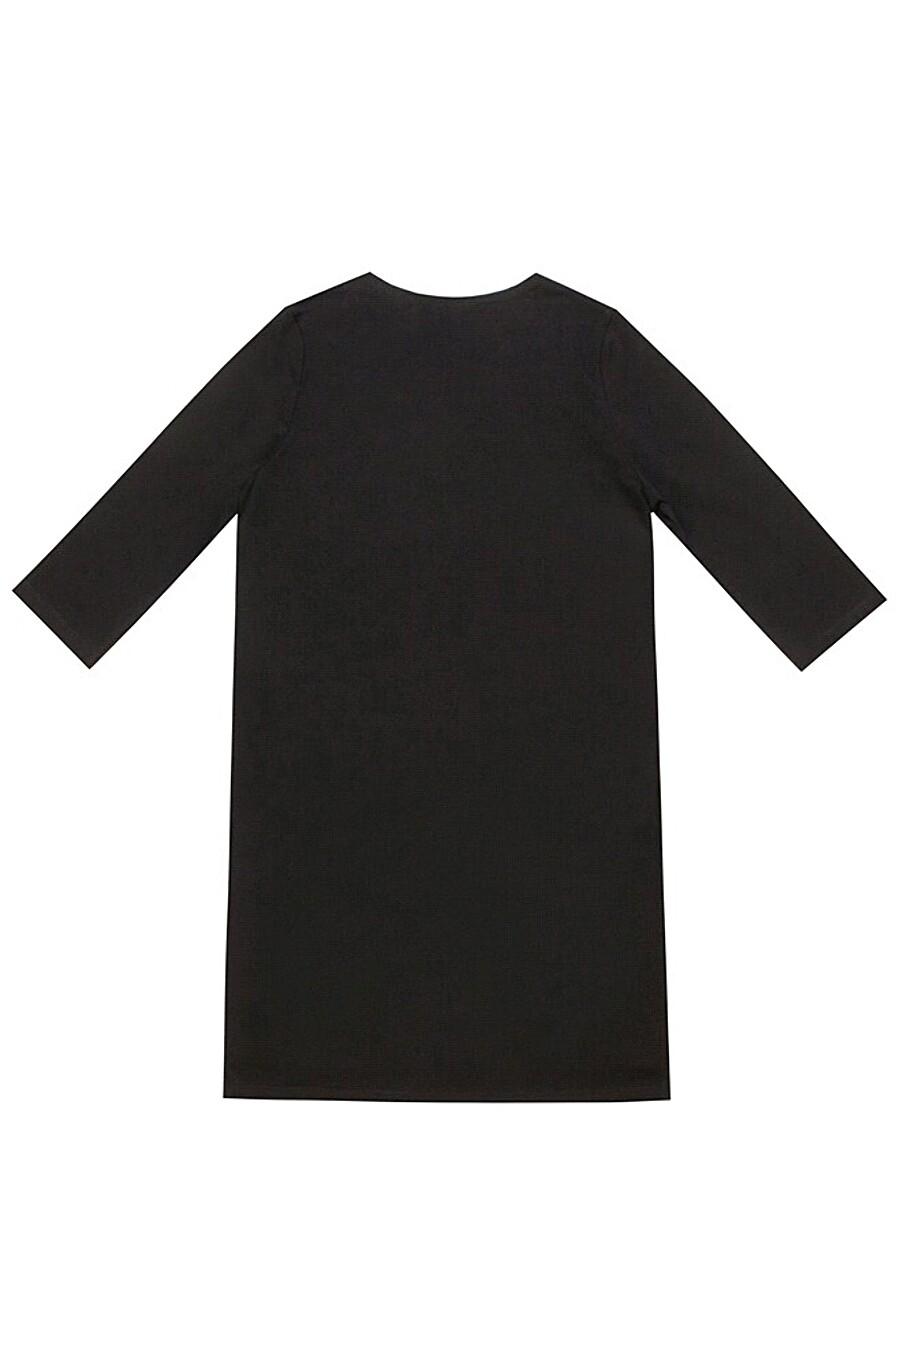 Туника для женщин Archi 158321 купить оптом от производителя. Совместная покупка женской одежды в OptMoyo